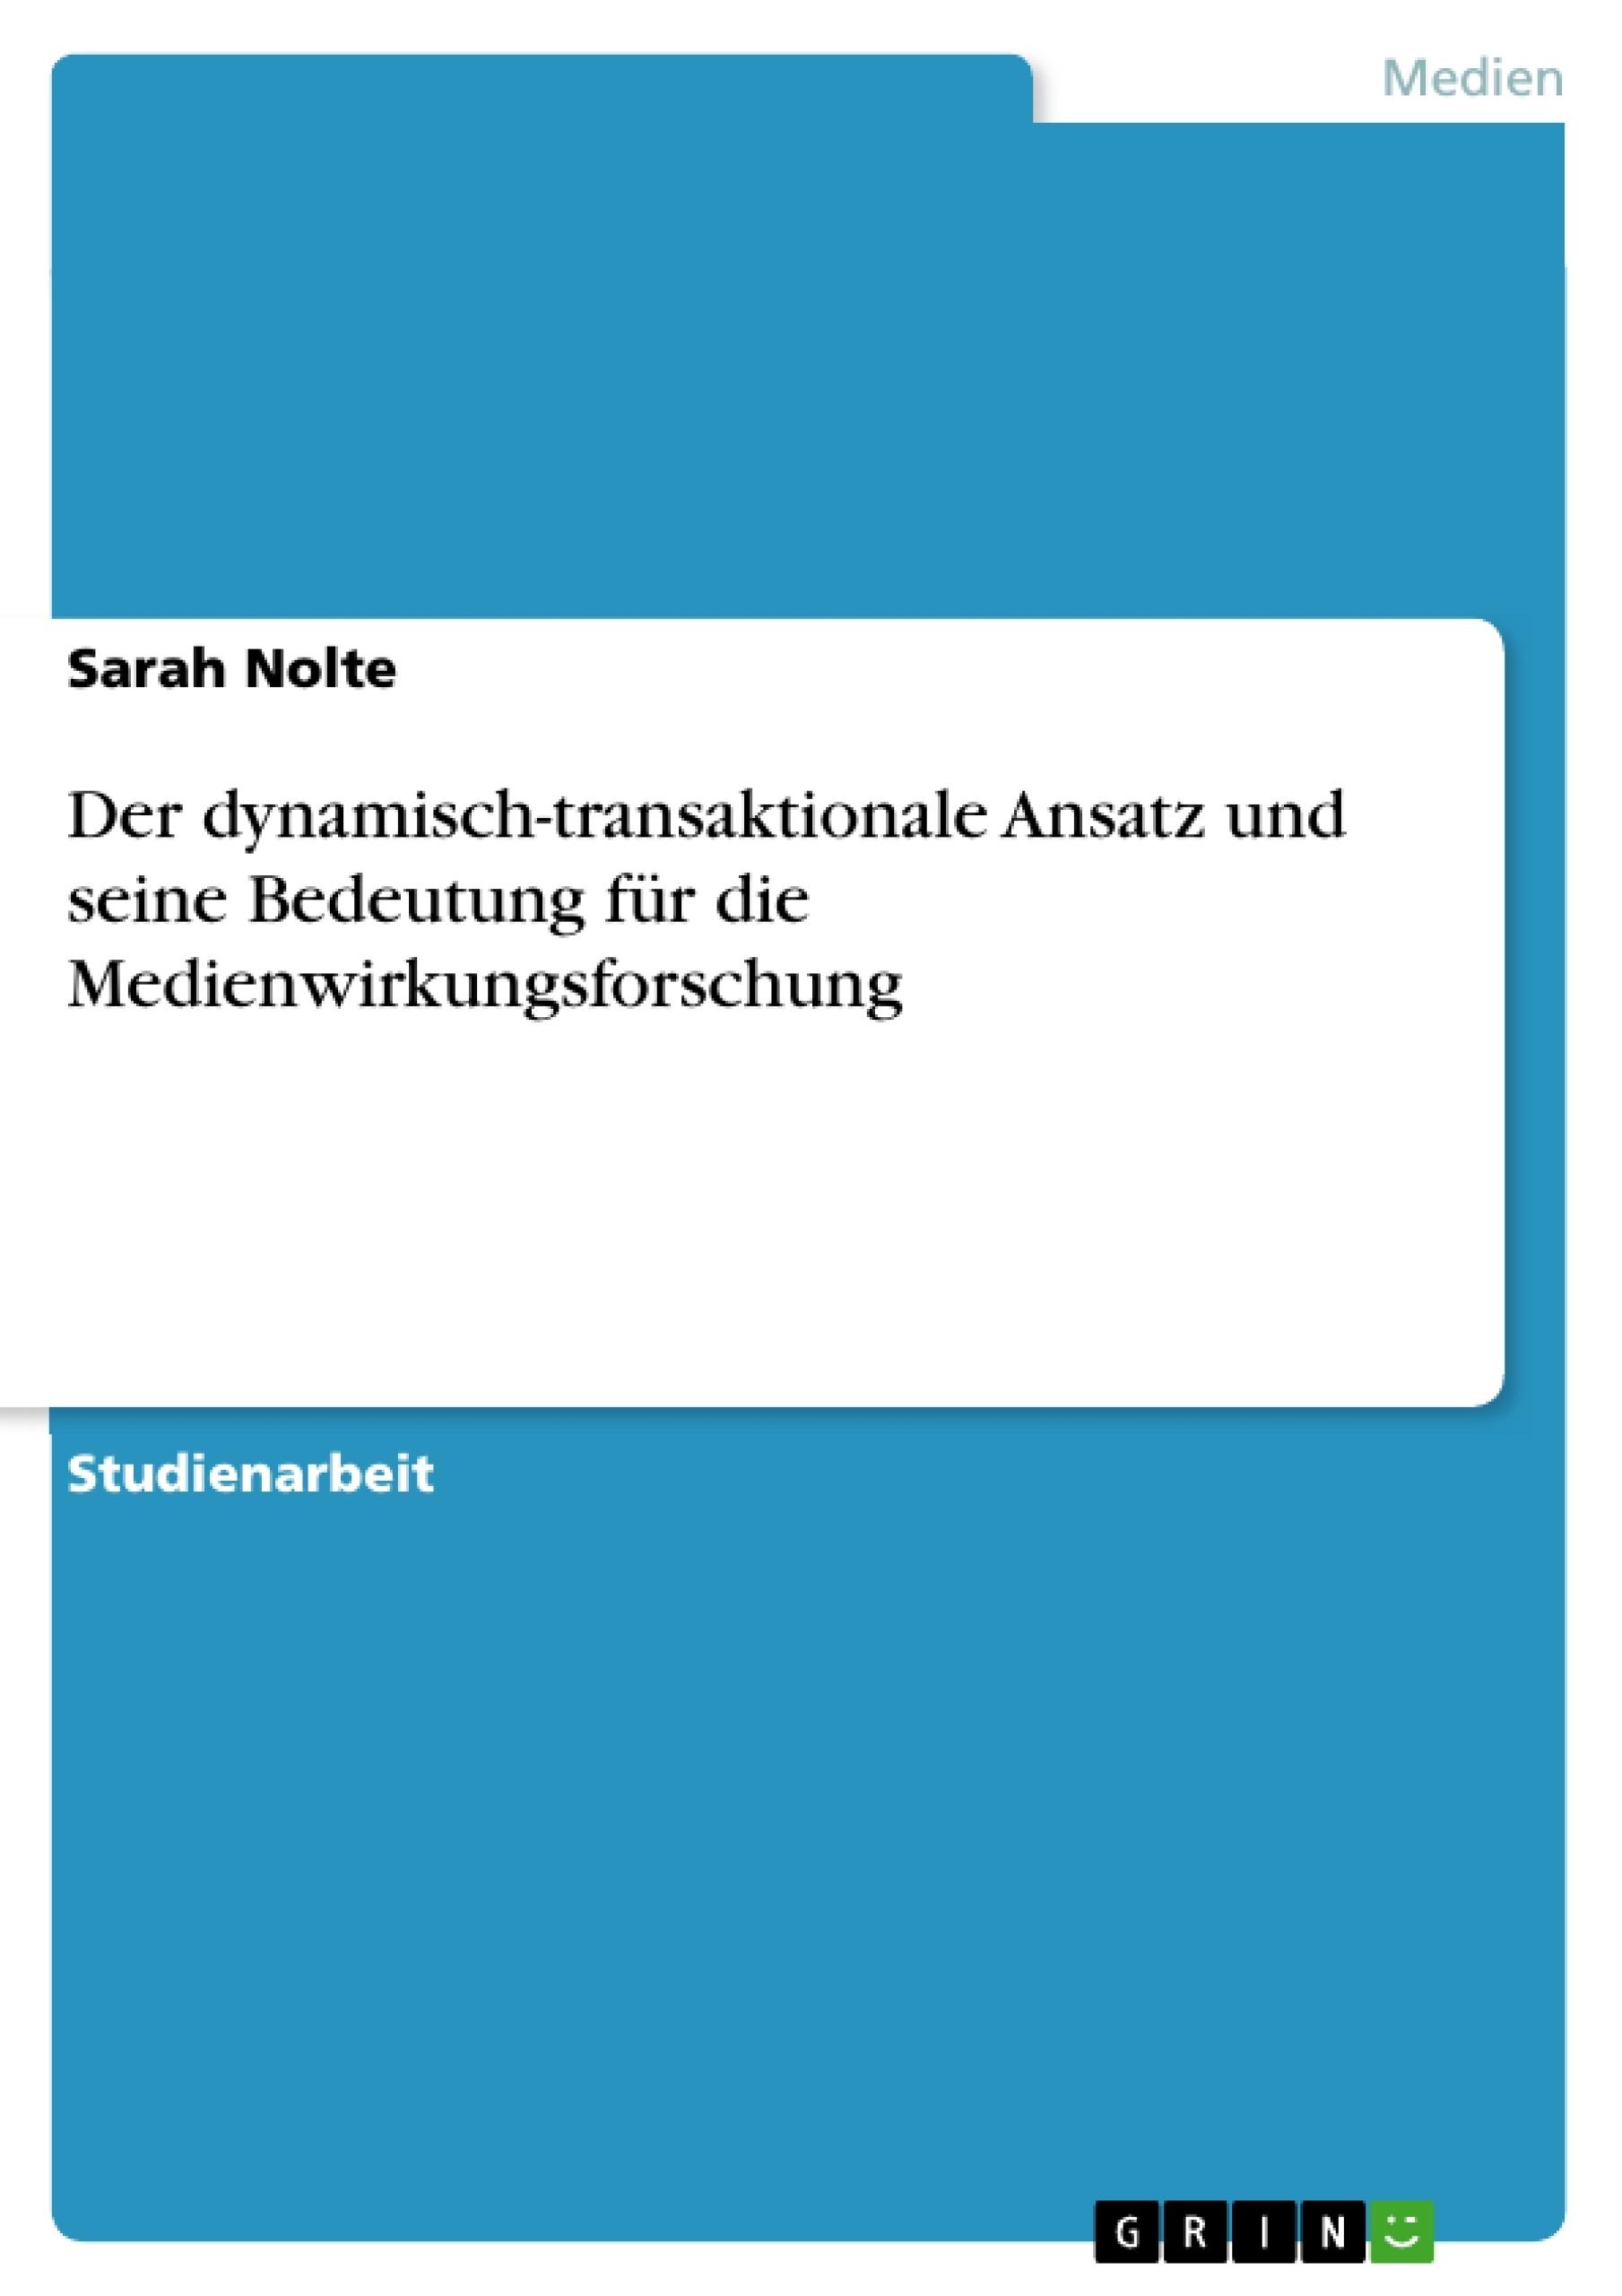 Titel: Der dynamisch-transaktionale Ansatz und seine Bedeutung für die Medienwirkungsforschung